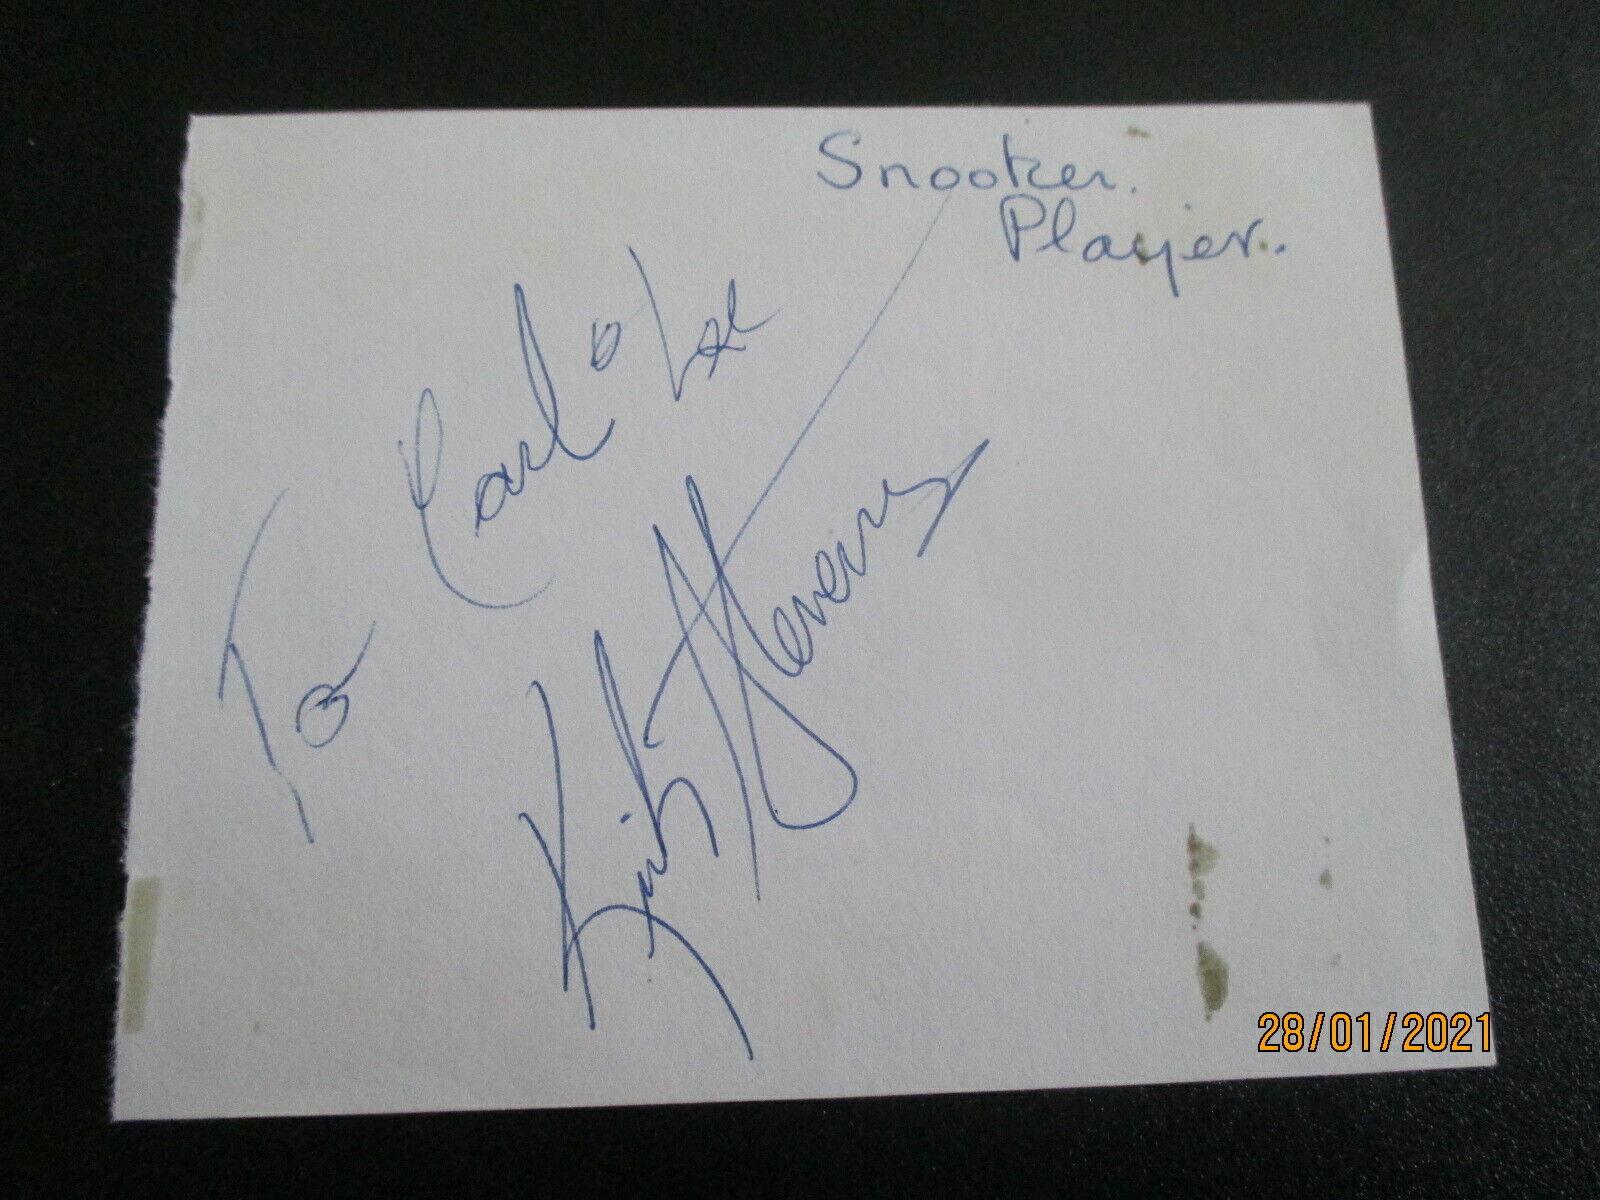 KIRK STEVENS1980s CANADIAN SNOOKER HANDSIGNED AUTOGRAPH